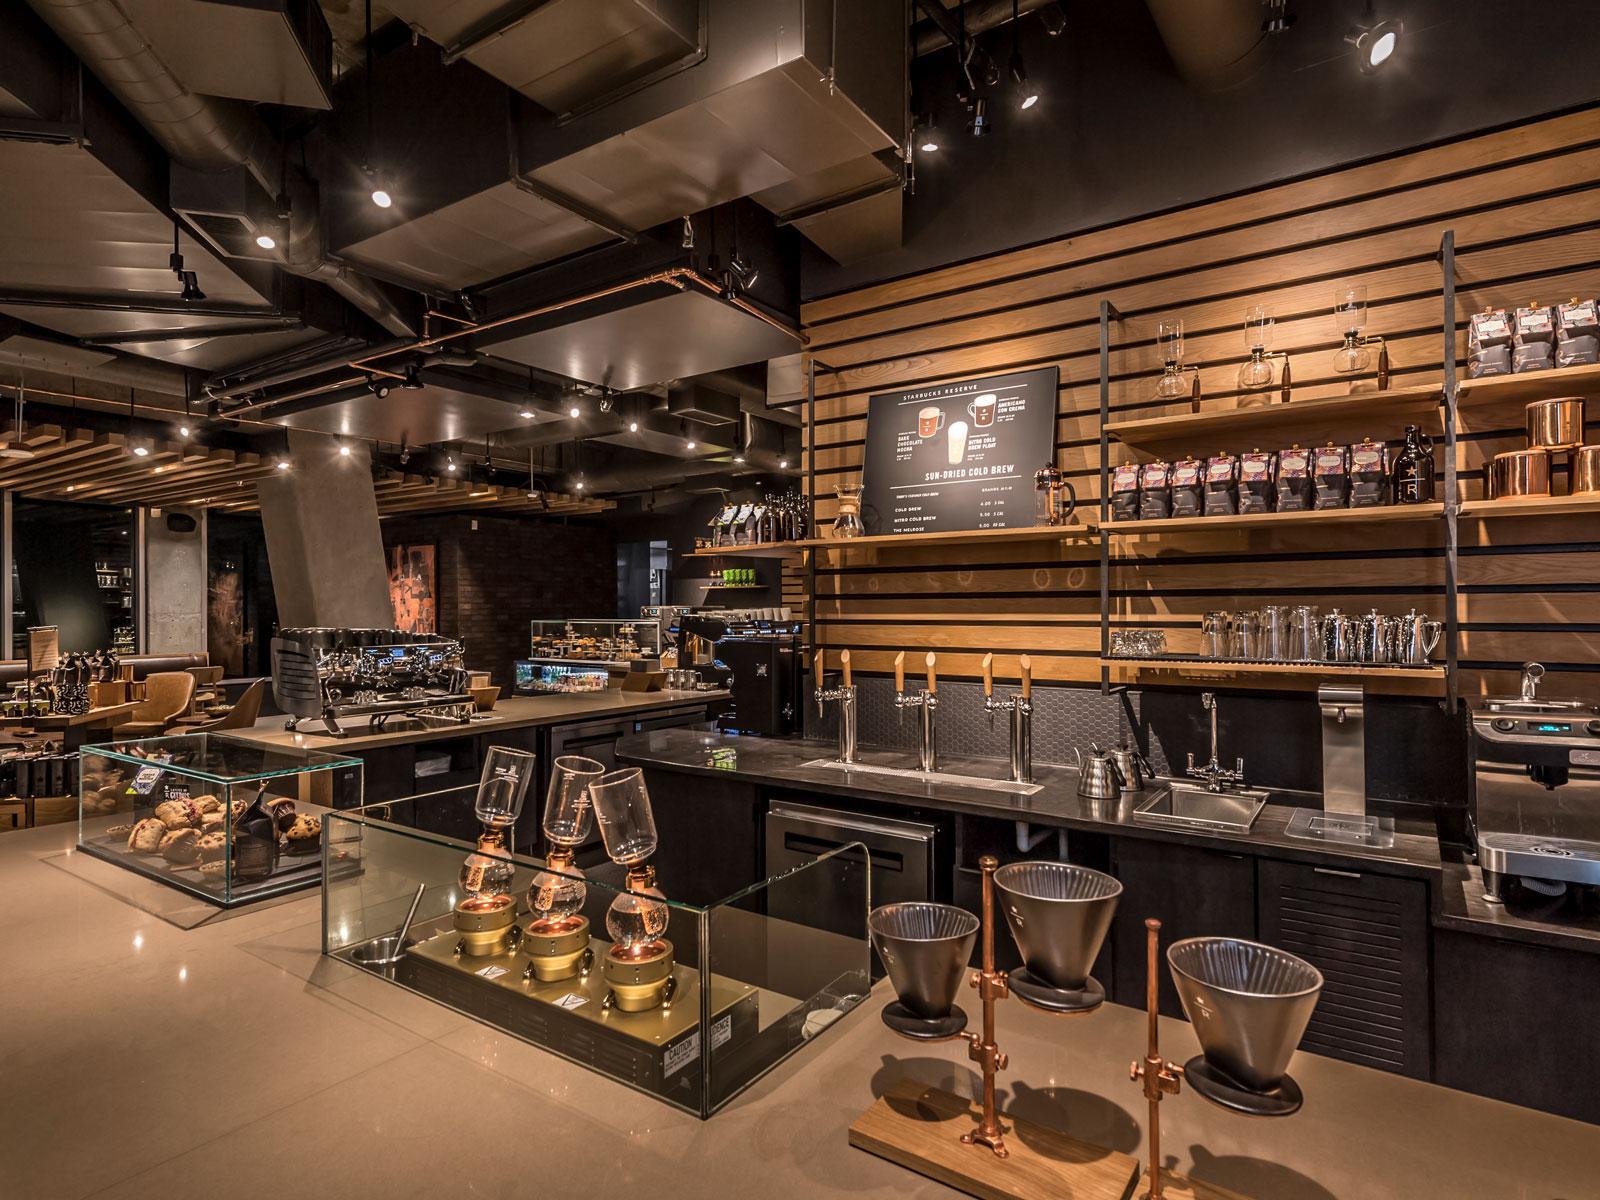 Roastery, Reserve Bar, Regular Starbucks: What's the Difference? starbucks-store-explainer-3-FT-BLOG1218